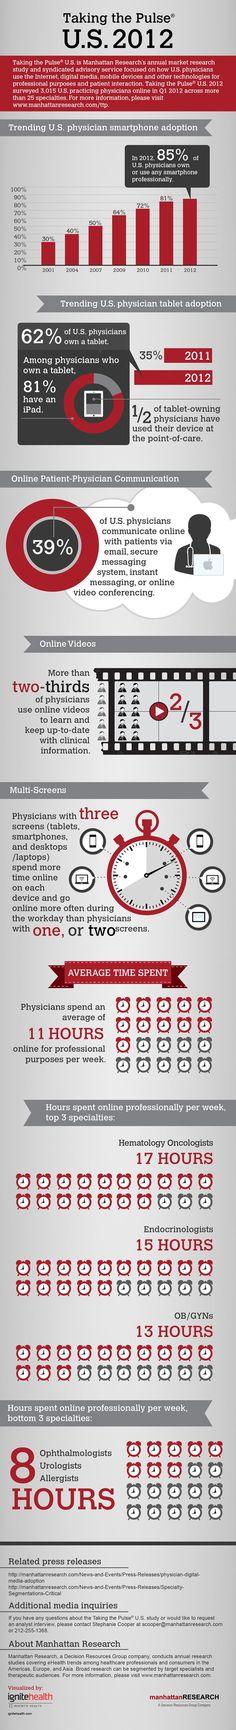 Bir Bakışta 35 Sağlık Trendi #mobile #health #it #social